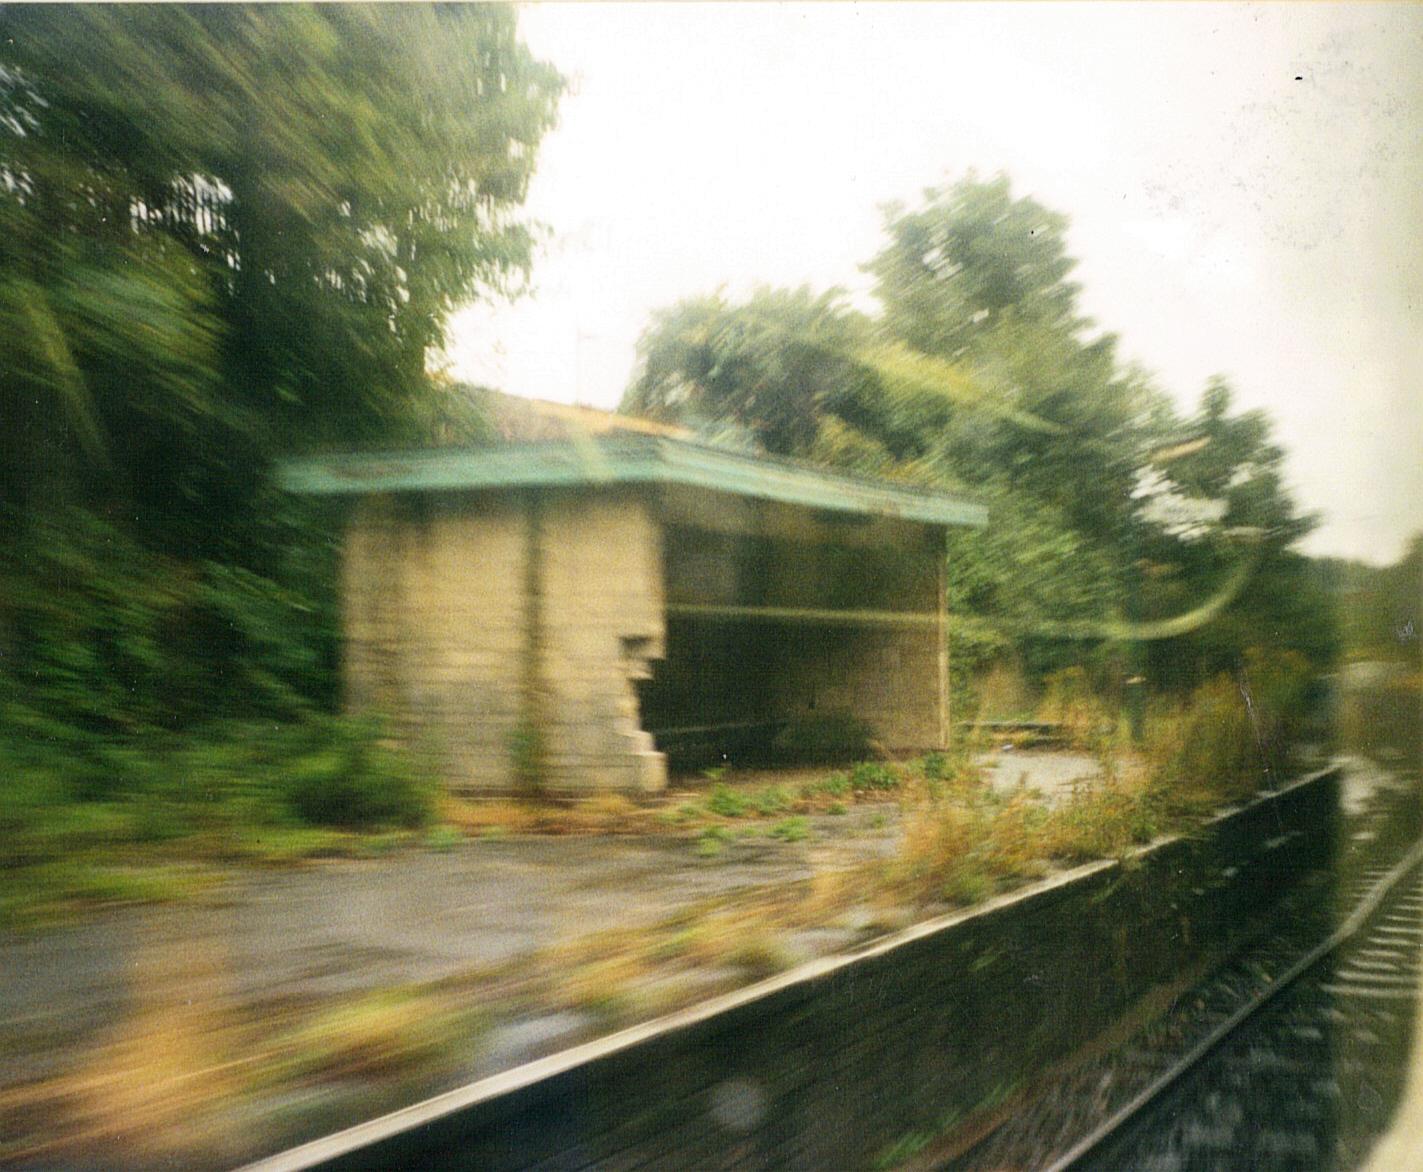 Description a railway station